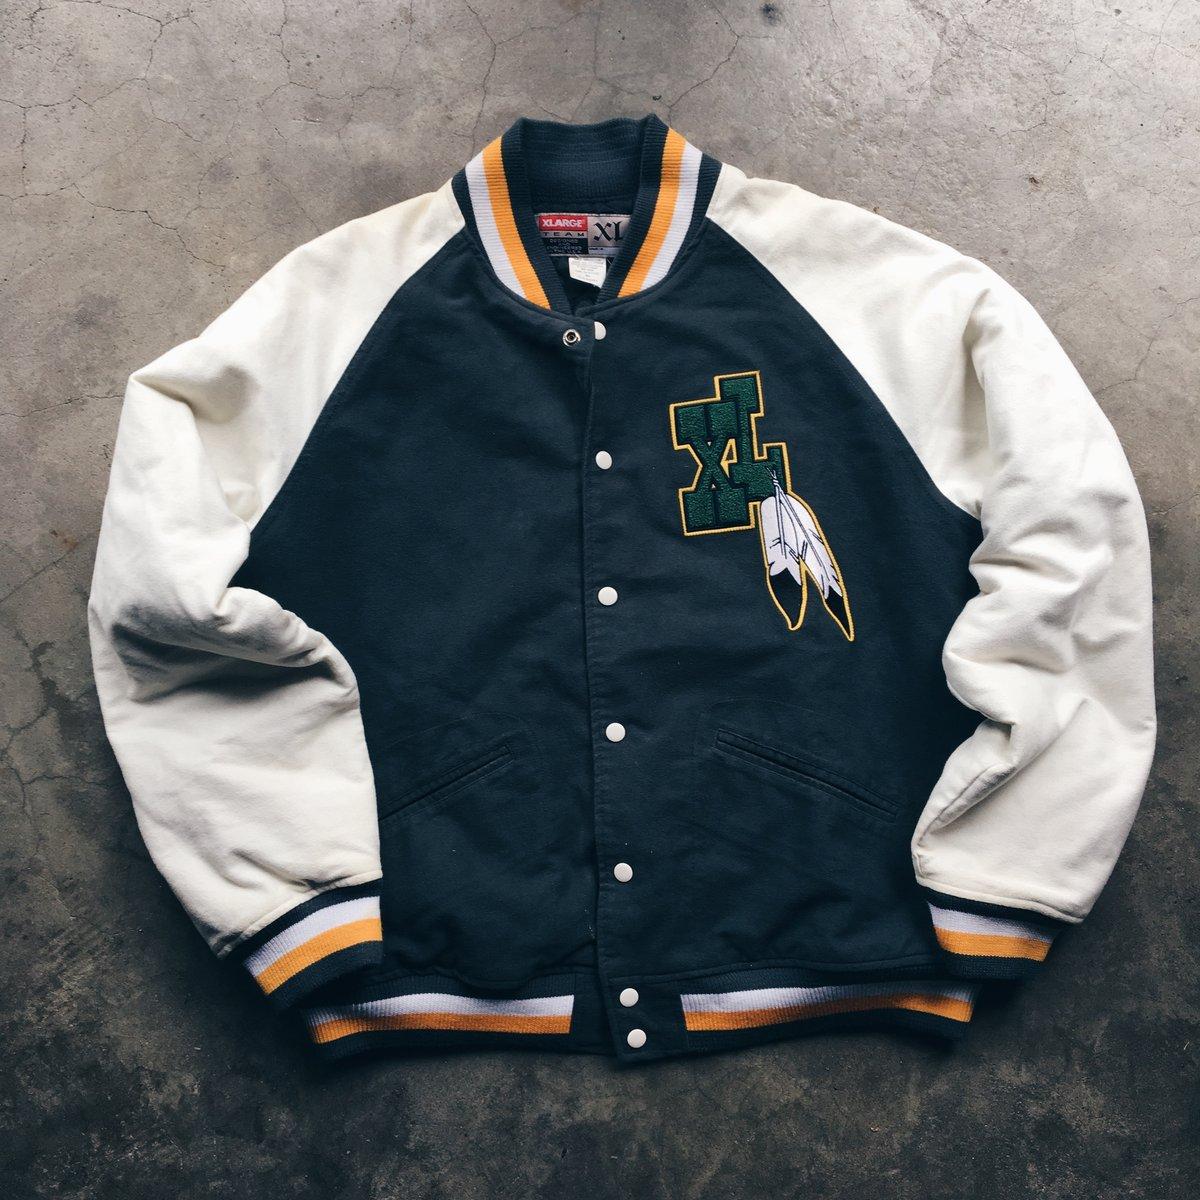 Image of Original Early 2000's XLARGE Varsity Jacket.